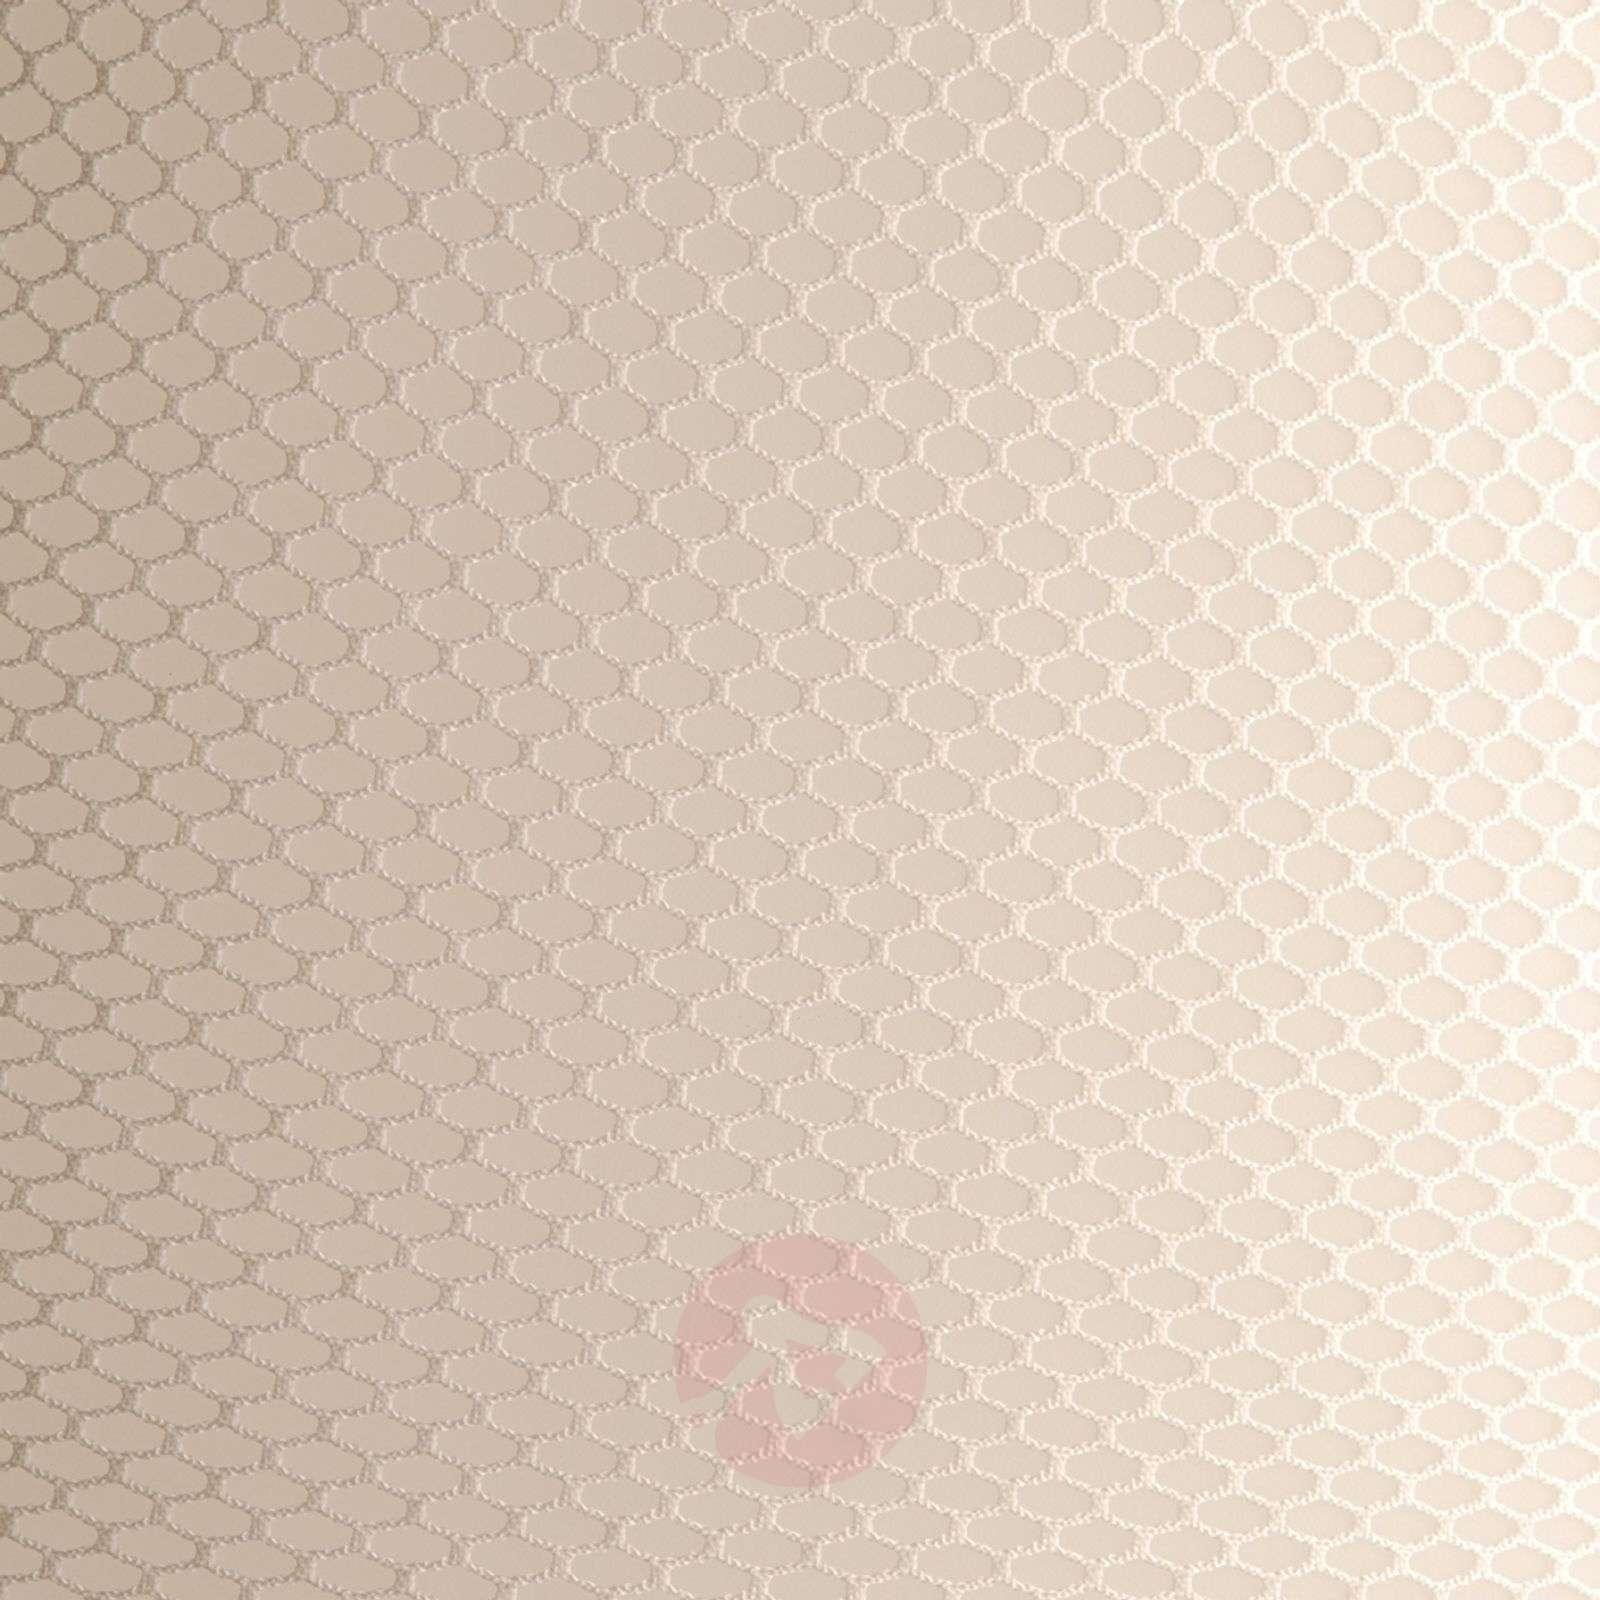 Net for floor lamp Warm_5501078_1